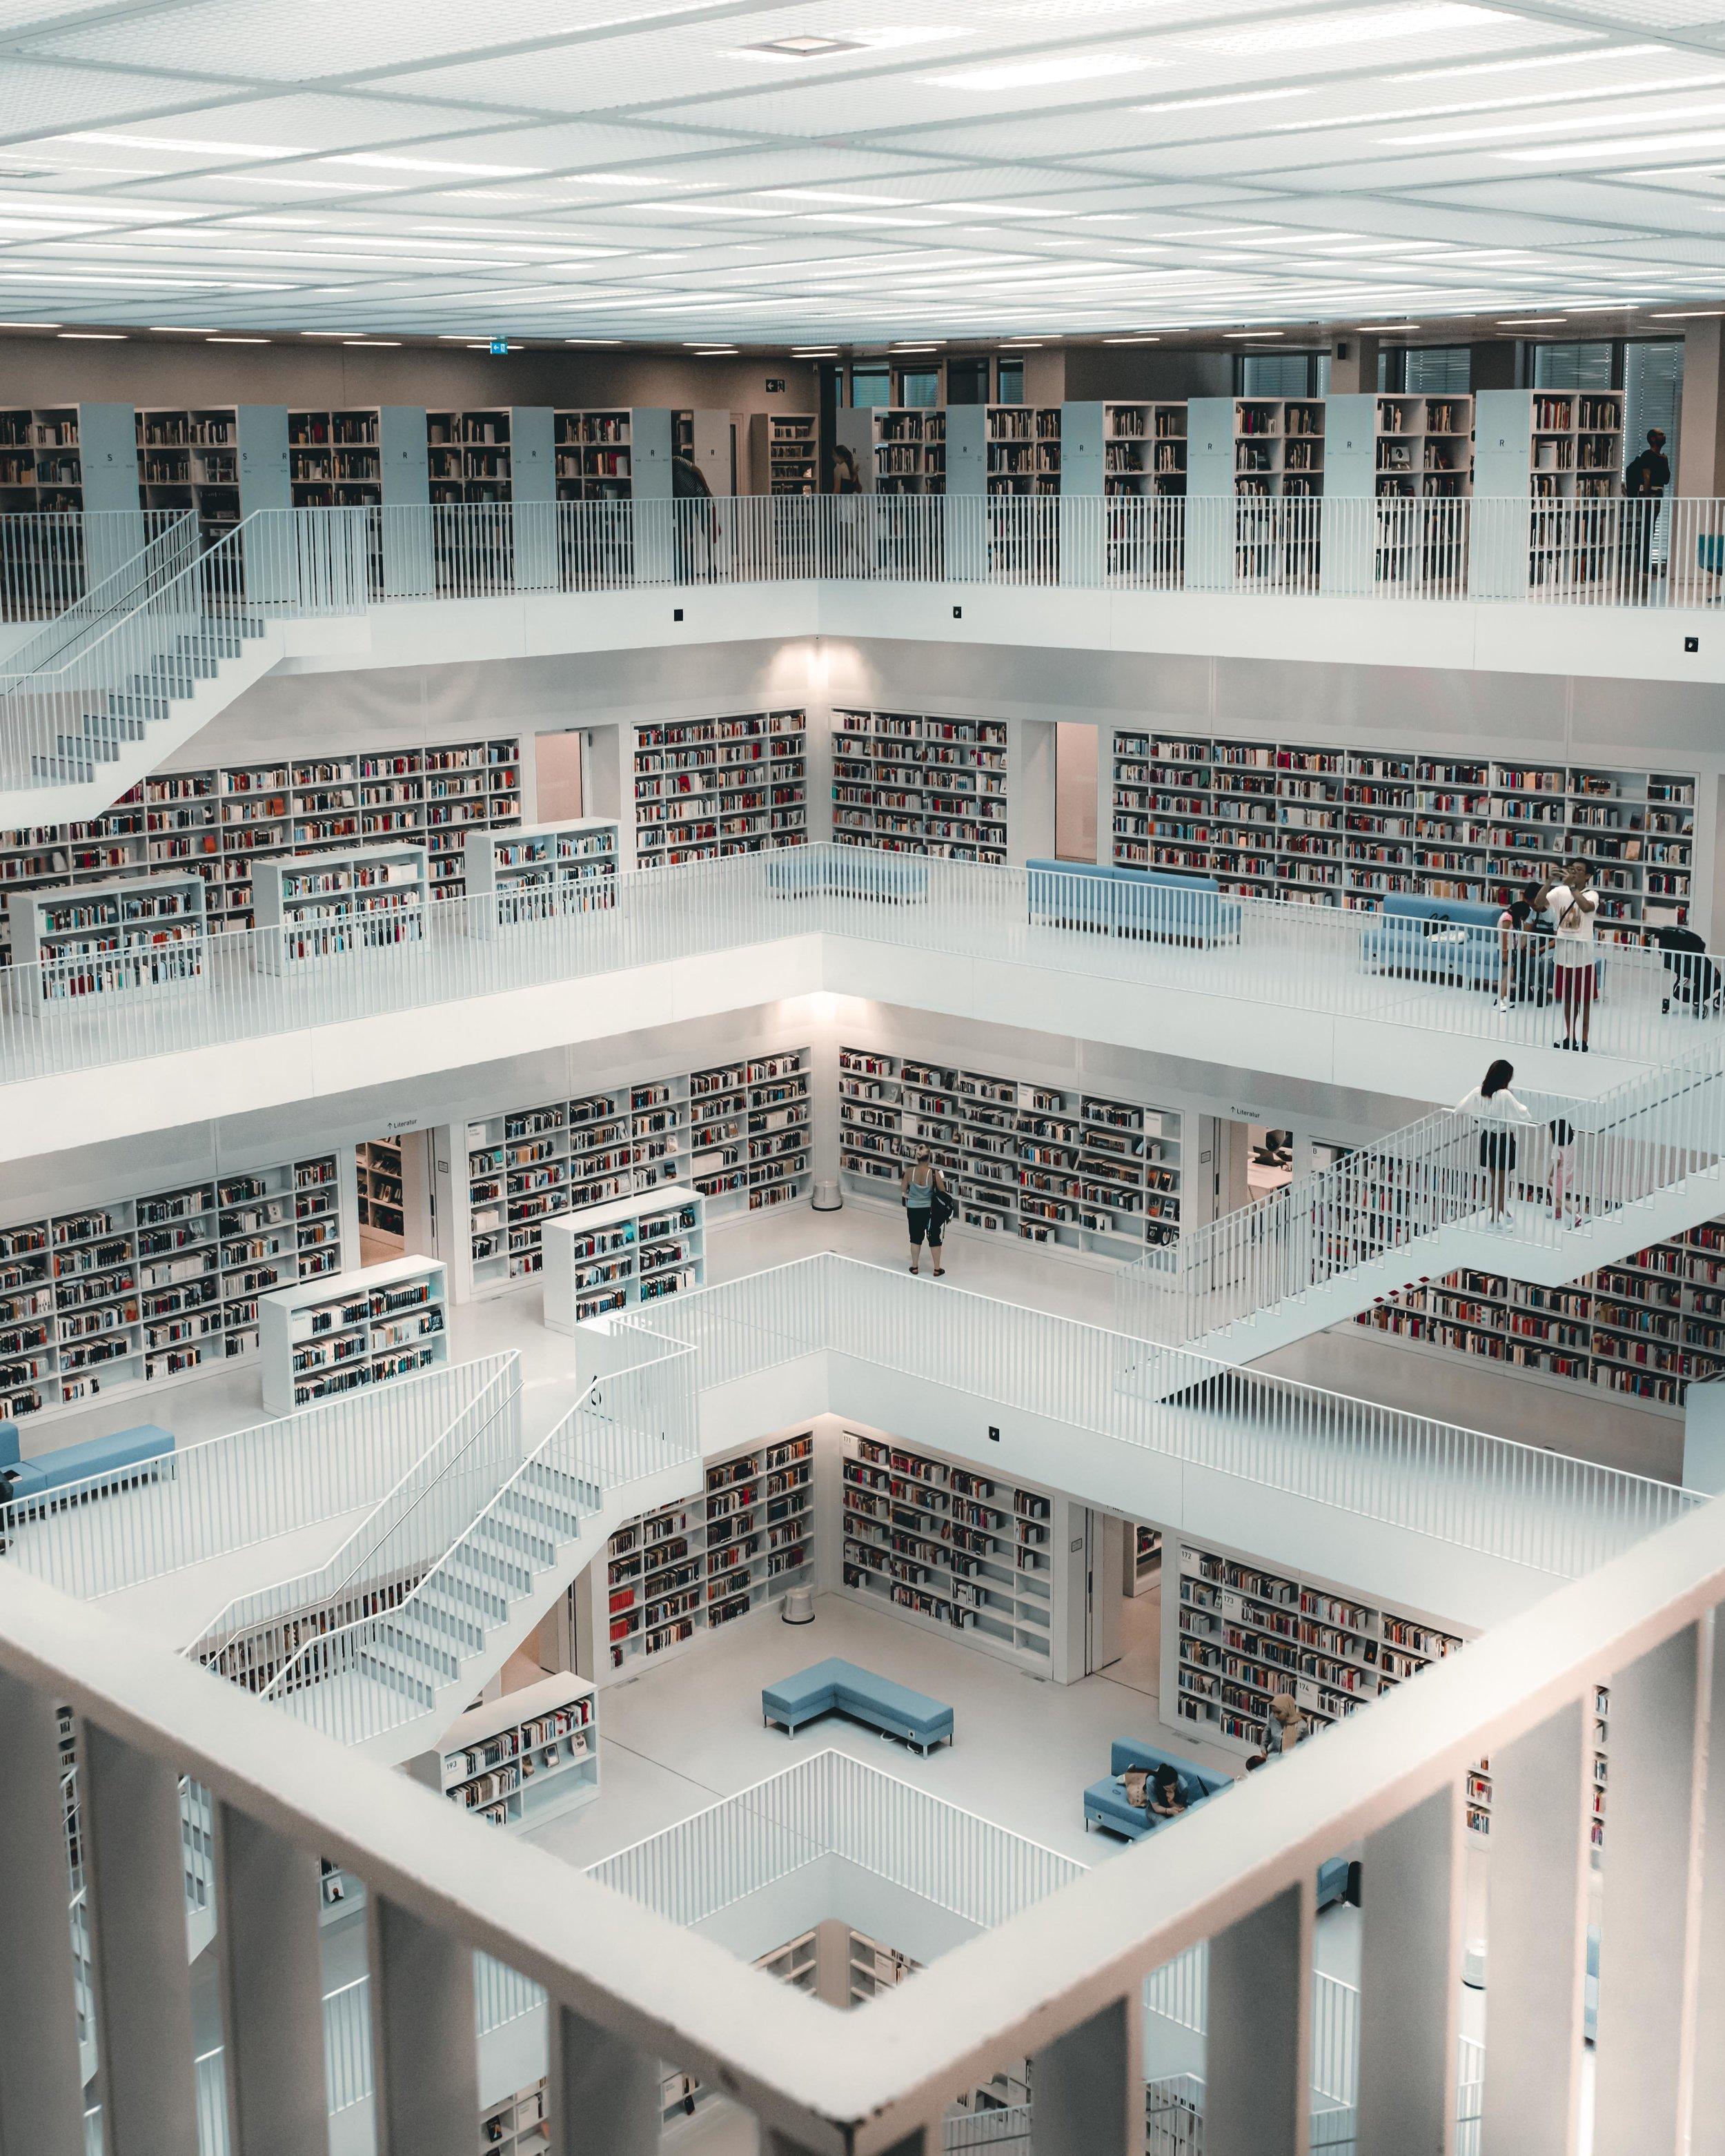 Stuttgart-Library-interior-1.jpg